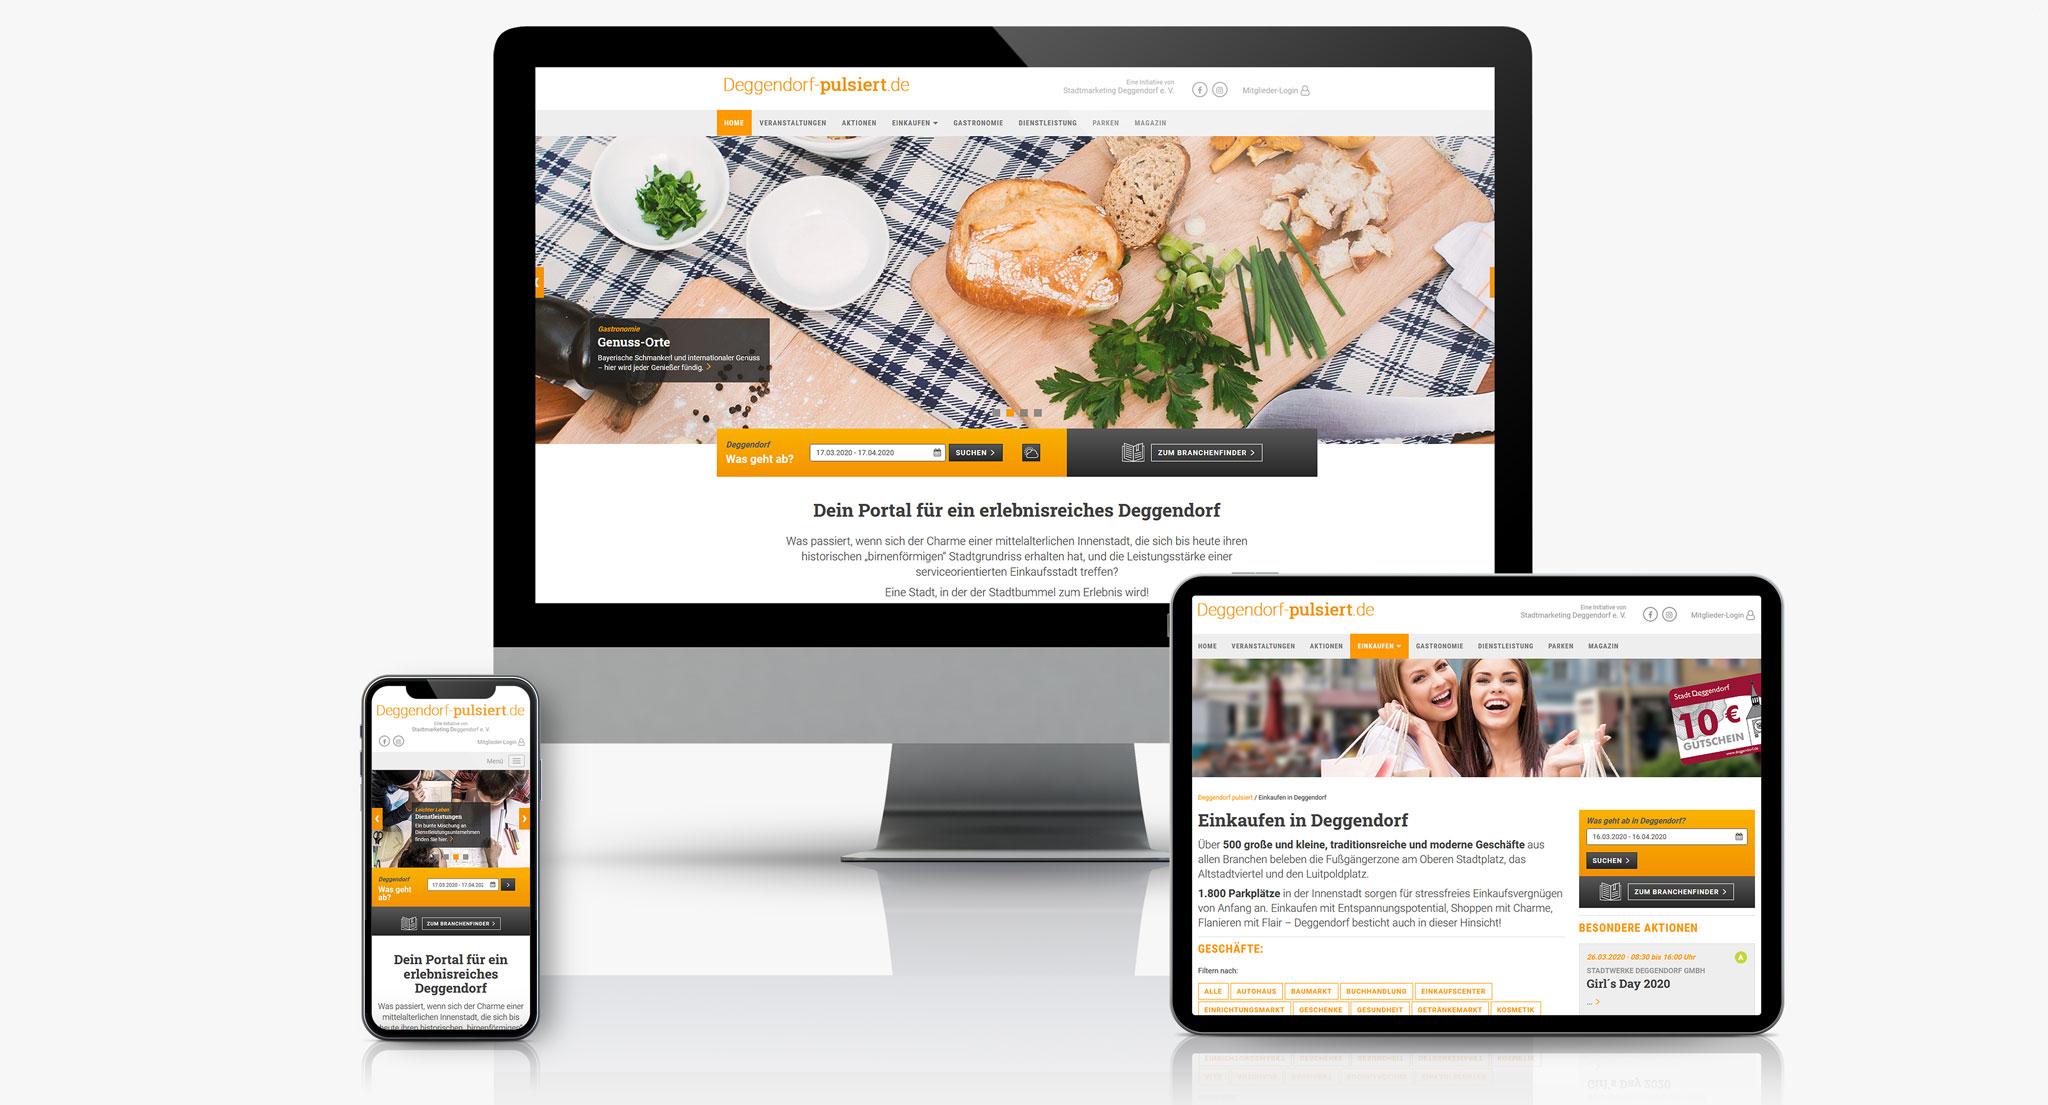 Deggendorf pulsiert Website | Werbeagentur Roland C. Ritter